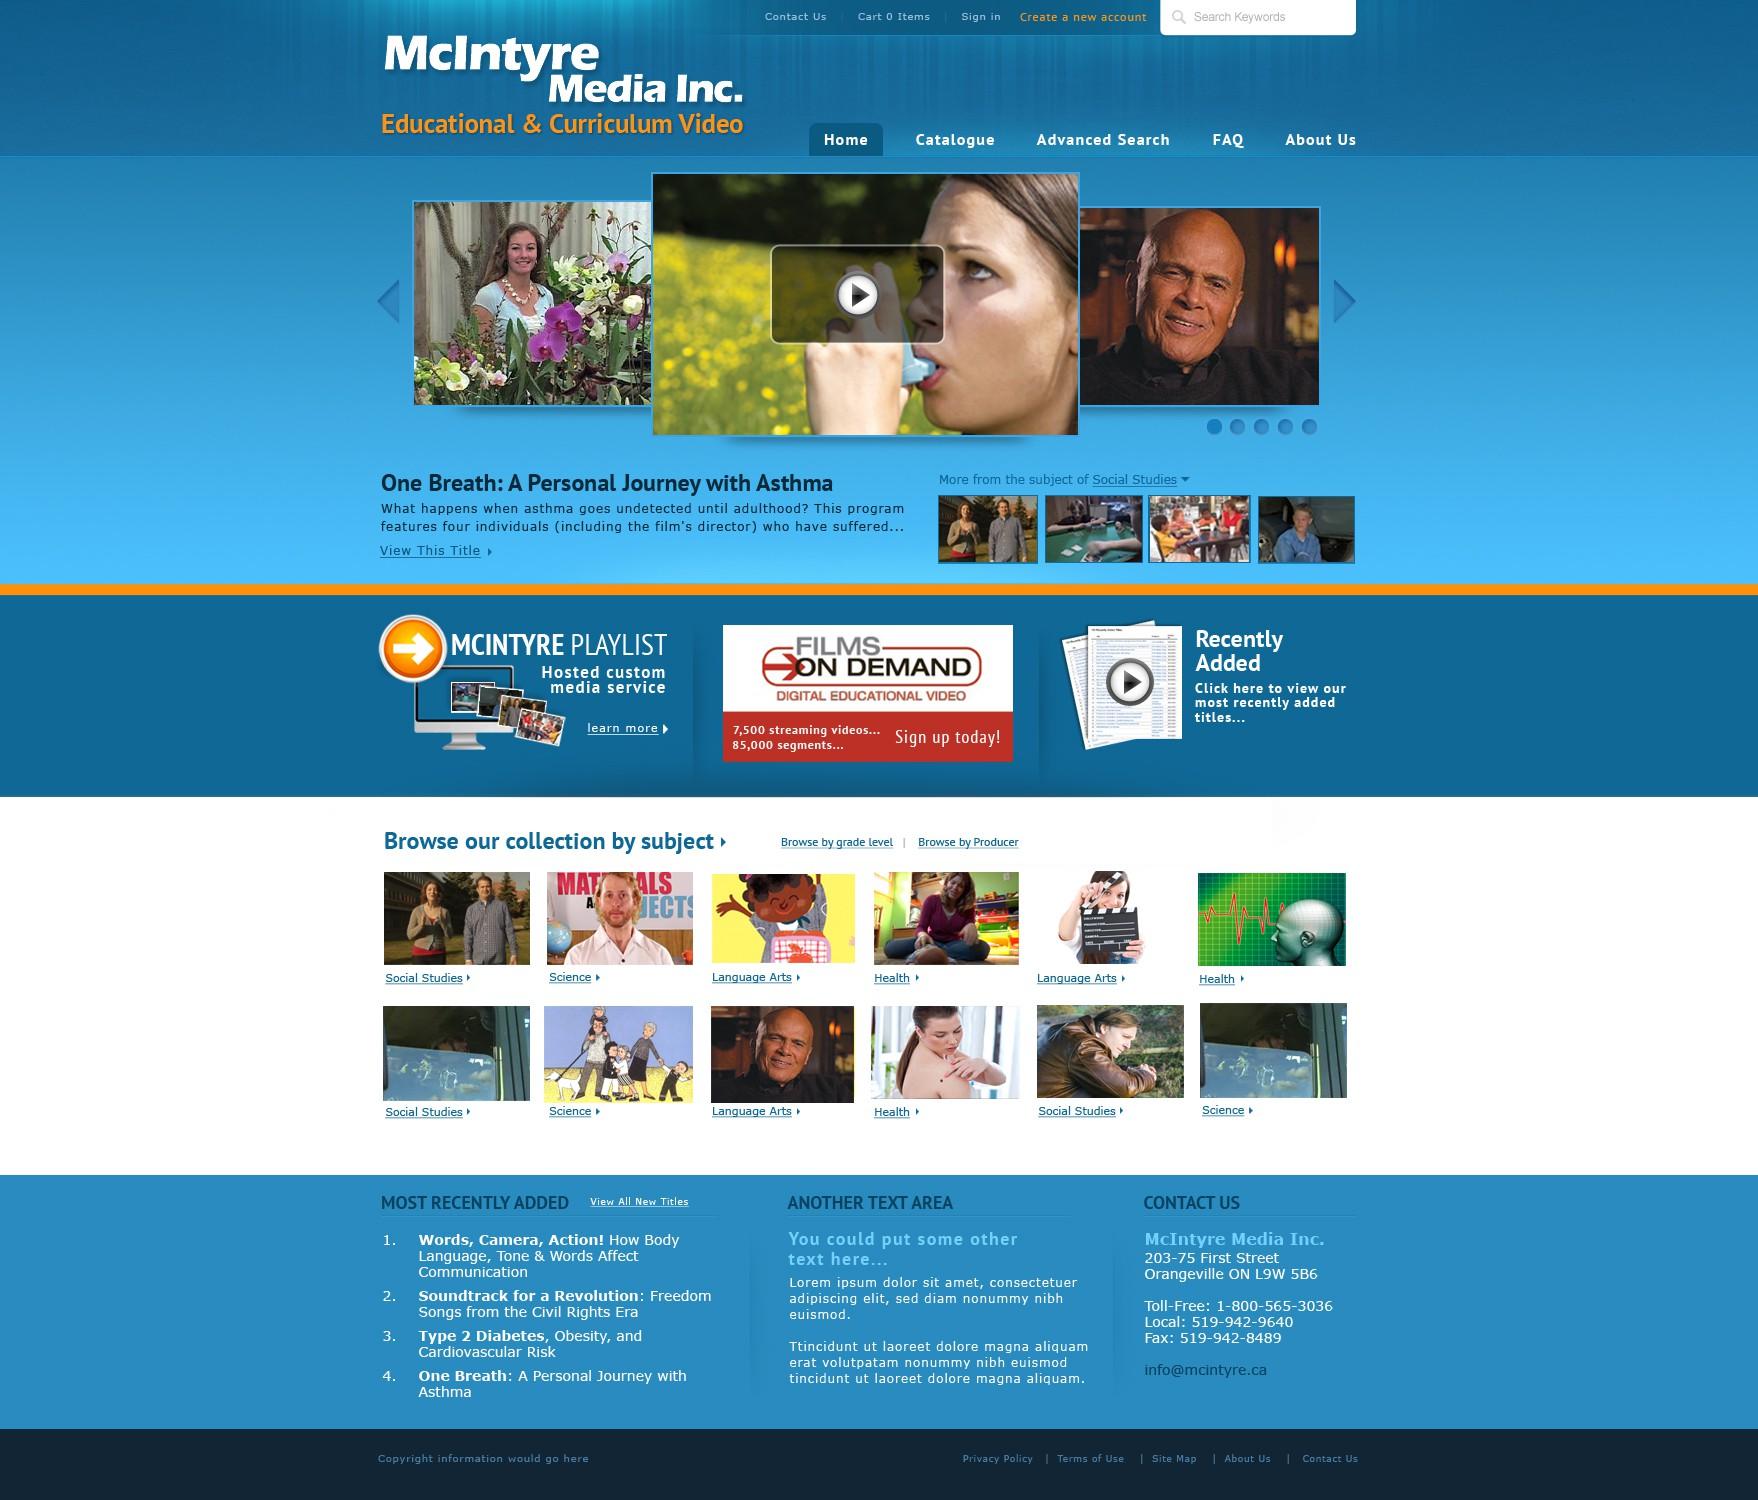 website design for McIntyre Media Inc.